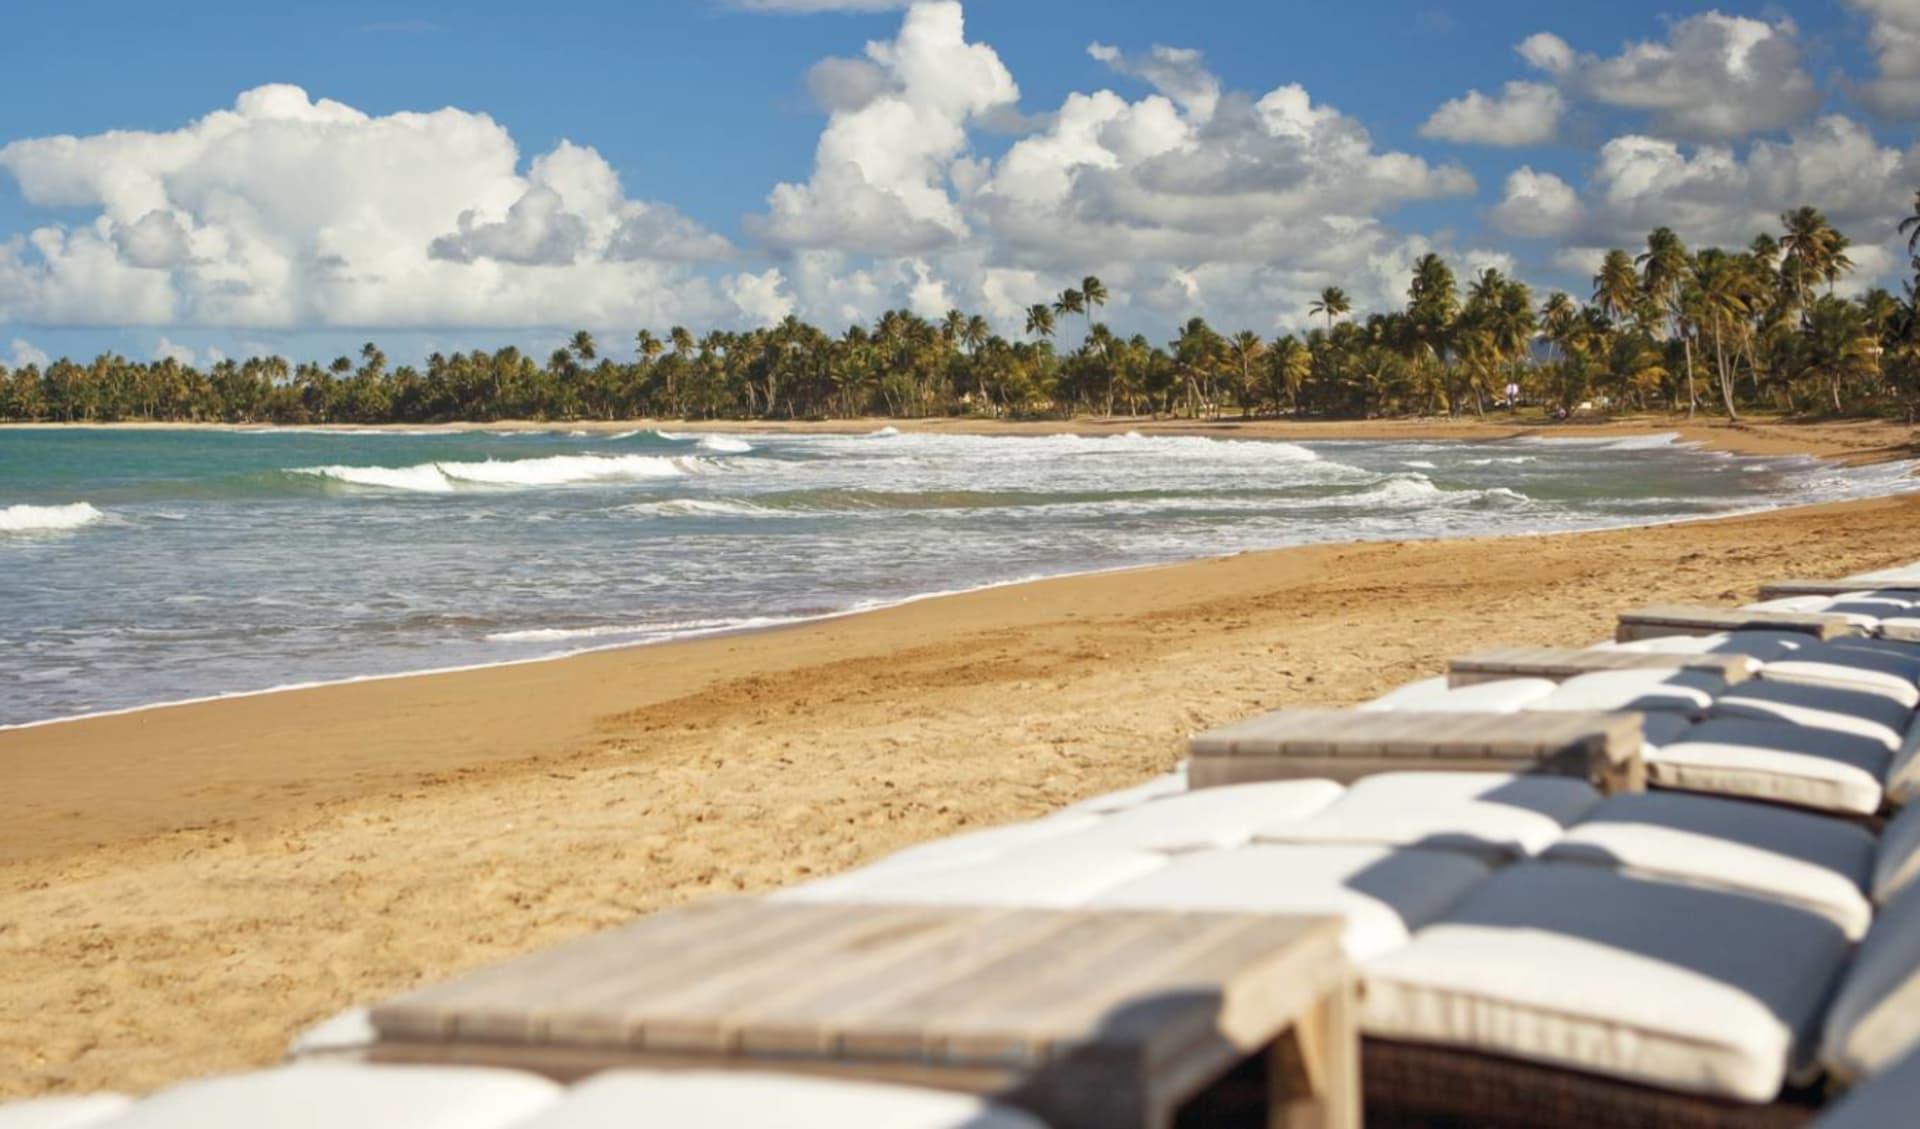 St. Regis Bahia Beach Resort in San Juan: St. Regis Bahia Beach Resort Puerto Rico Beach - Bahia Beach c Hotel (1)